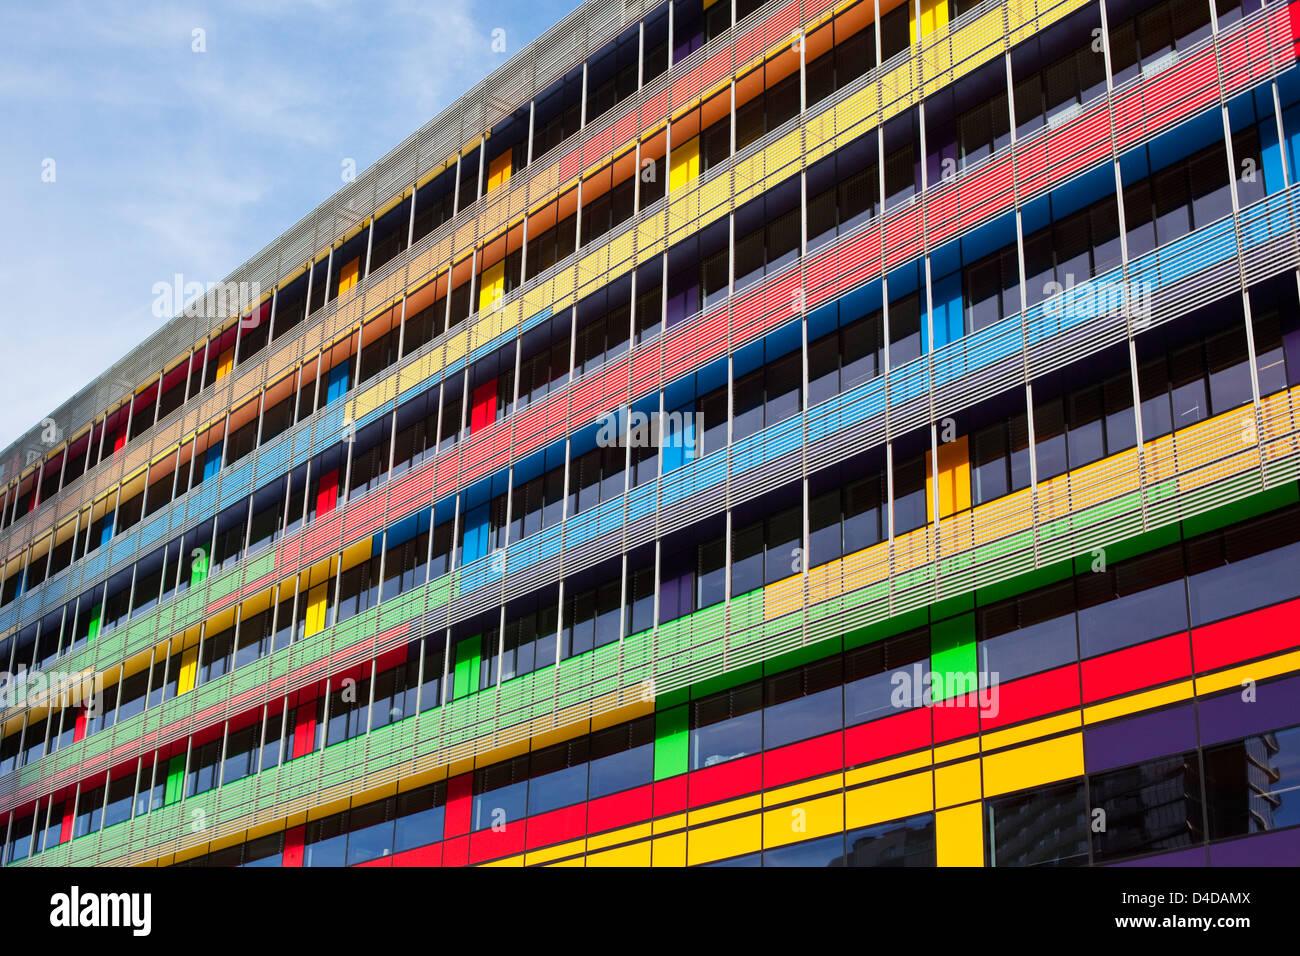 Colorida arquitectura de la sede del Banco Nacional de Australia en los Docklands. Melbourne, Victoria, Australia Imagen De Stock